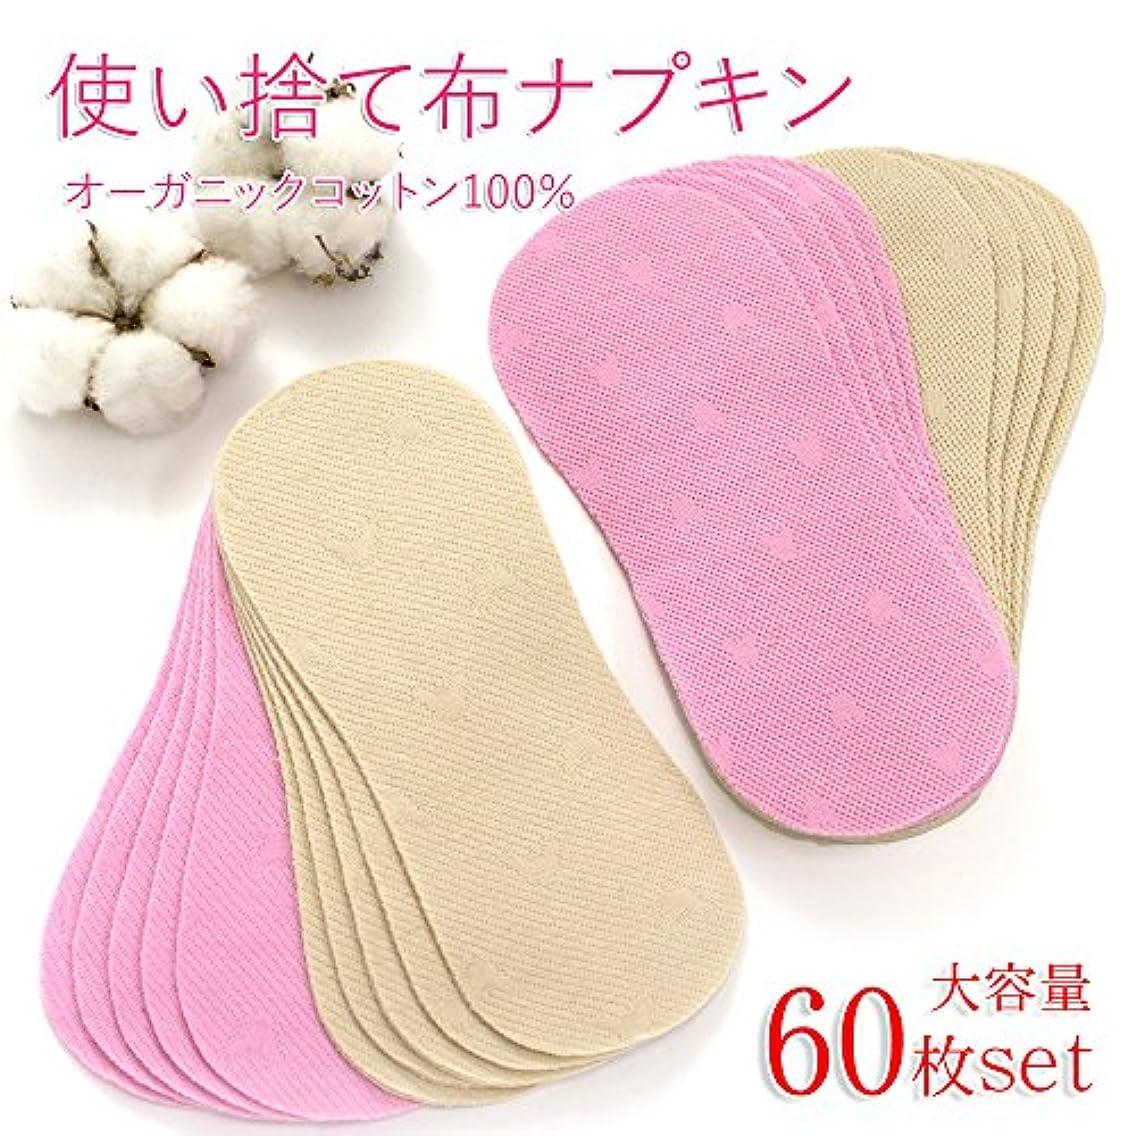 無臭見捨てるゆでるオーガニックコットン100%使い捨て布ナプキン 大容量60枚入り (さらふわニット:キナリ)